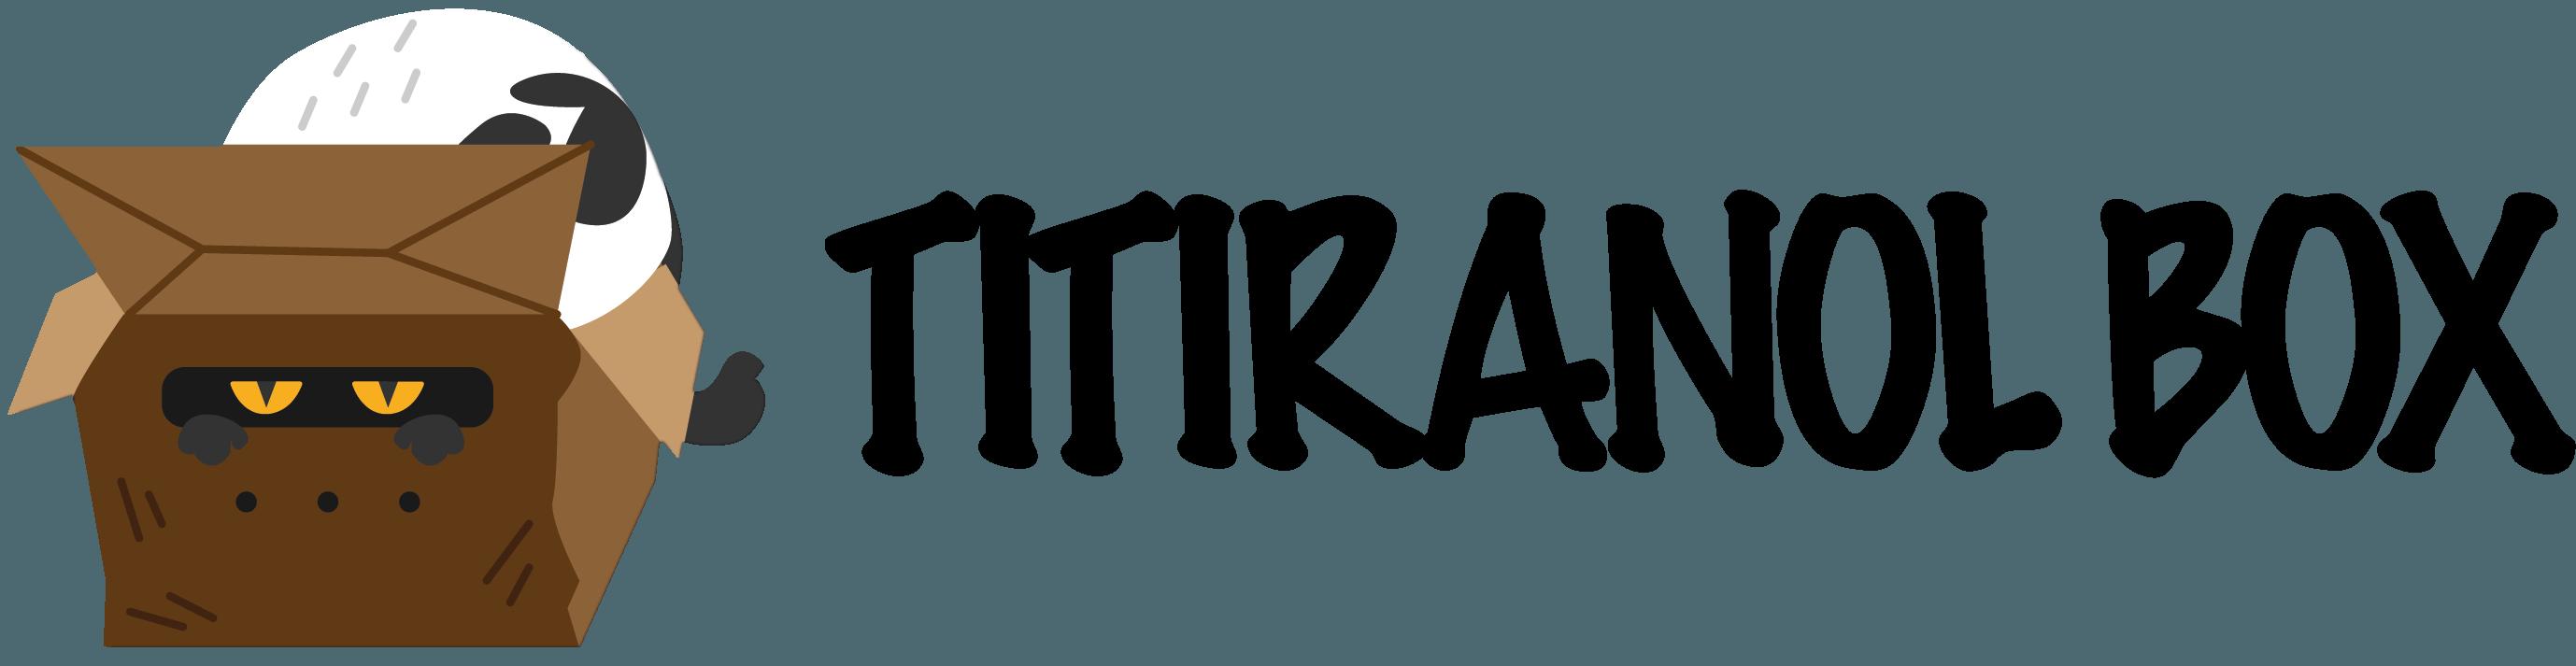 Titiranol Box Logo